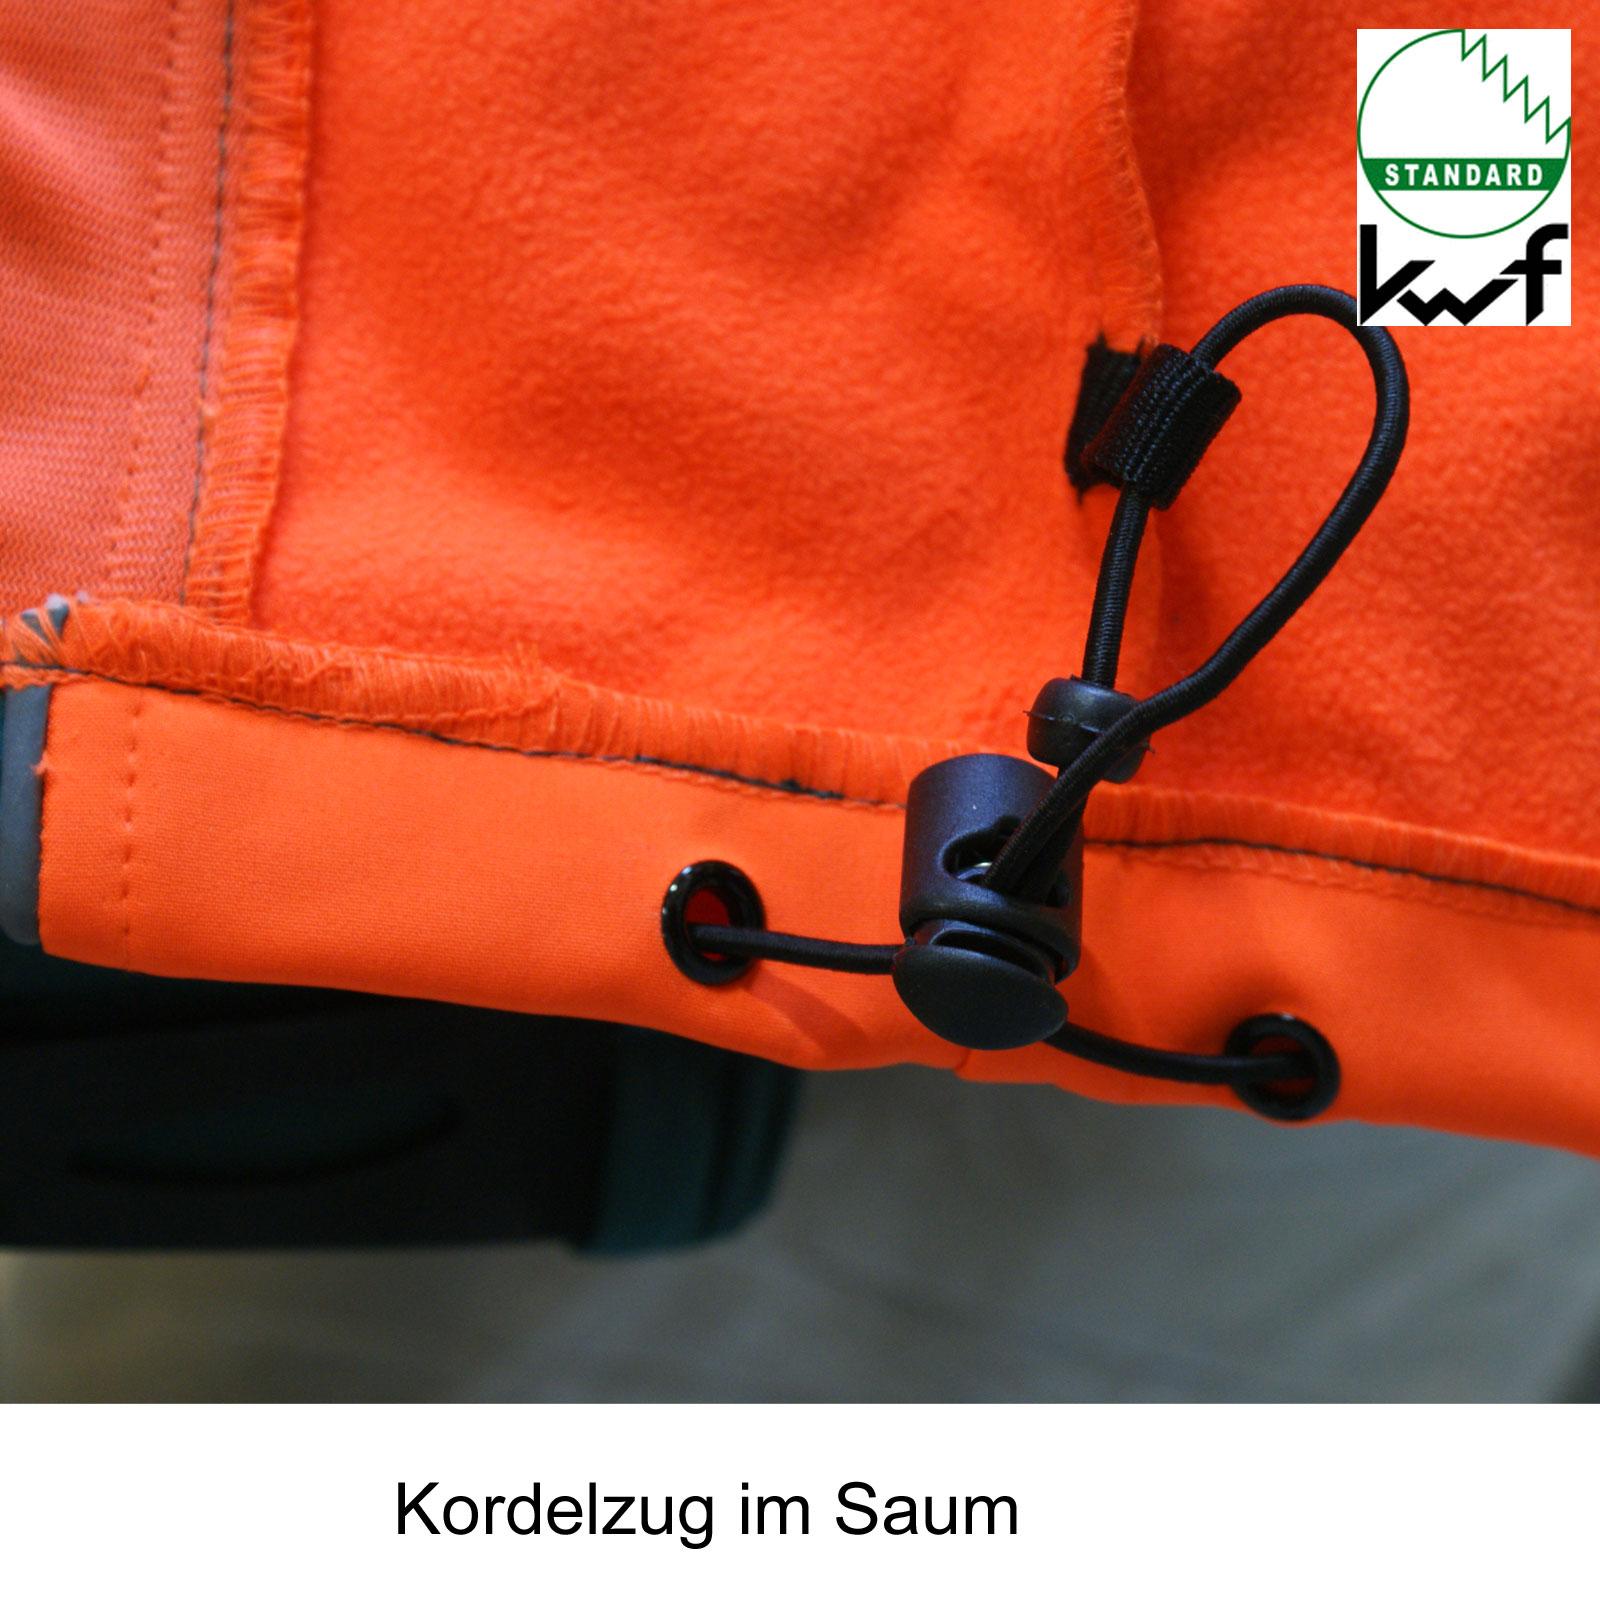 KWF FPA Forst Schnittschutz 3tlg Forsthelm Schnitthose Forstjacke, PSA-Forst, Kettensägen-Schutz, Motorsägen-Schutz, , var-forstset3e